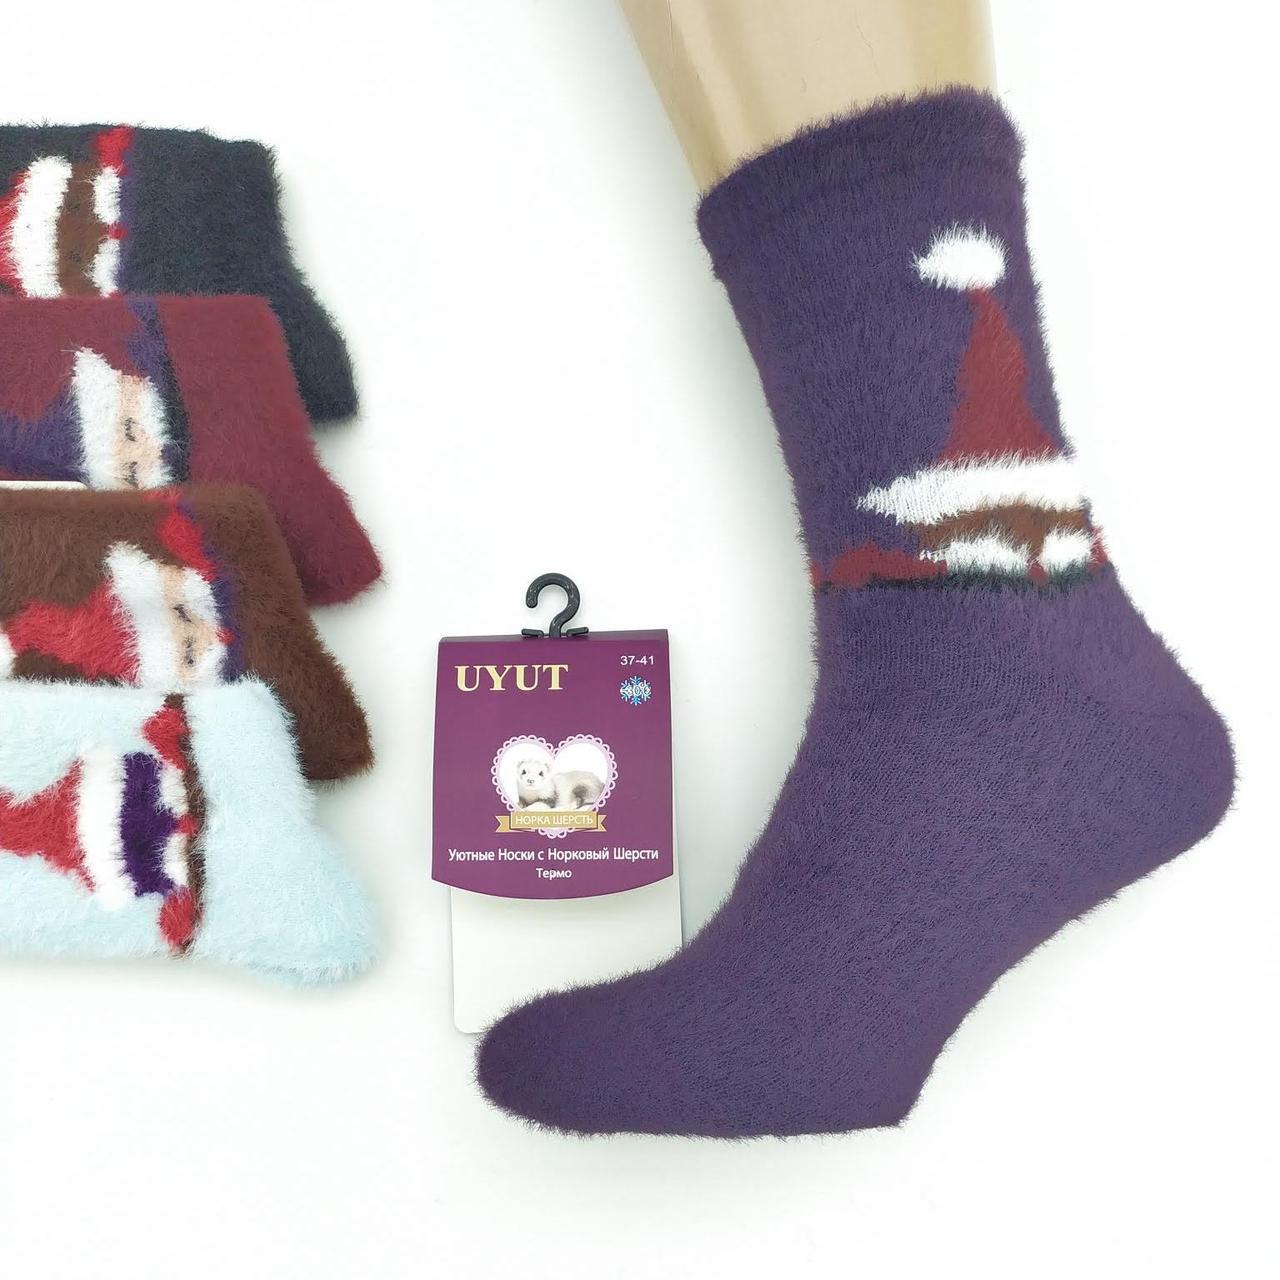 Носки женские норковая шерсть без махры высокие UYUT 35-2 37-41р ассорти 20037567